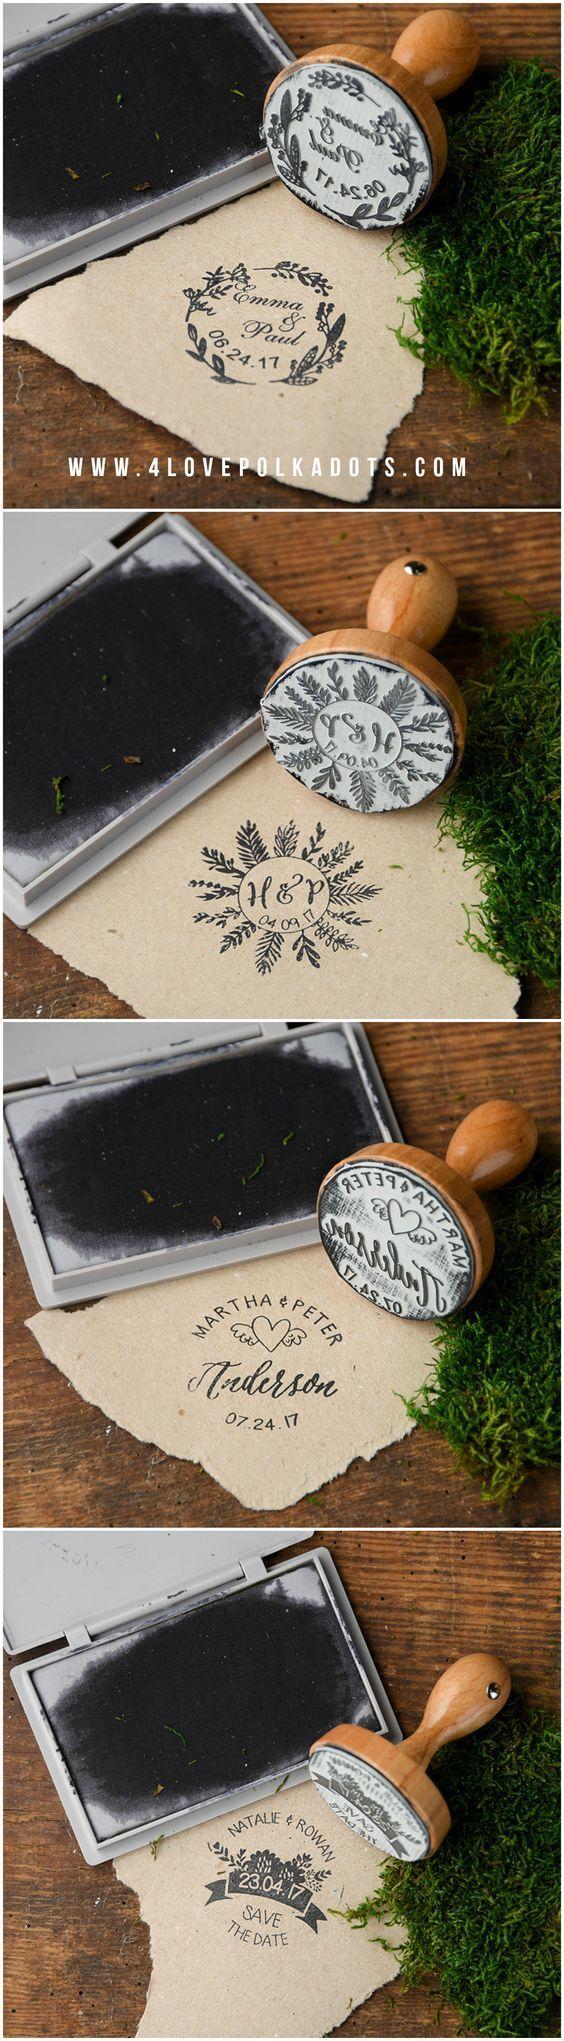 Wooden Wedding Custom Stamps #wood #wooden #rustic #weddingideas #wedding #Stamp #custom #weddingcards #unique #romantic